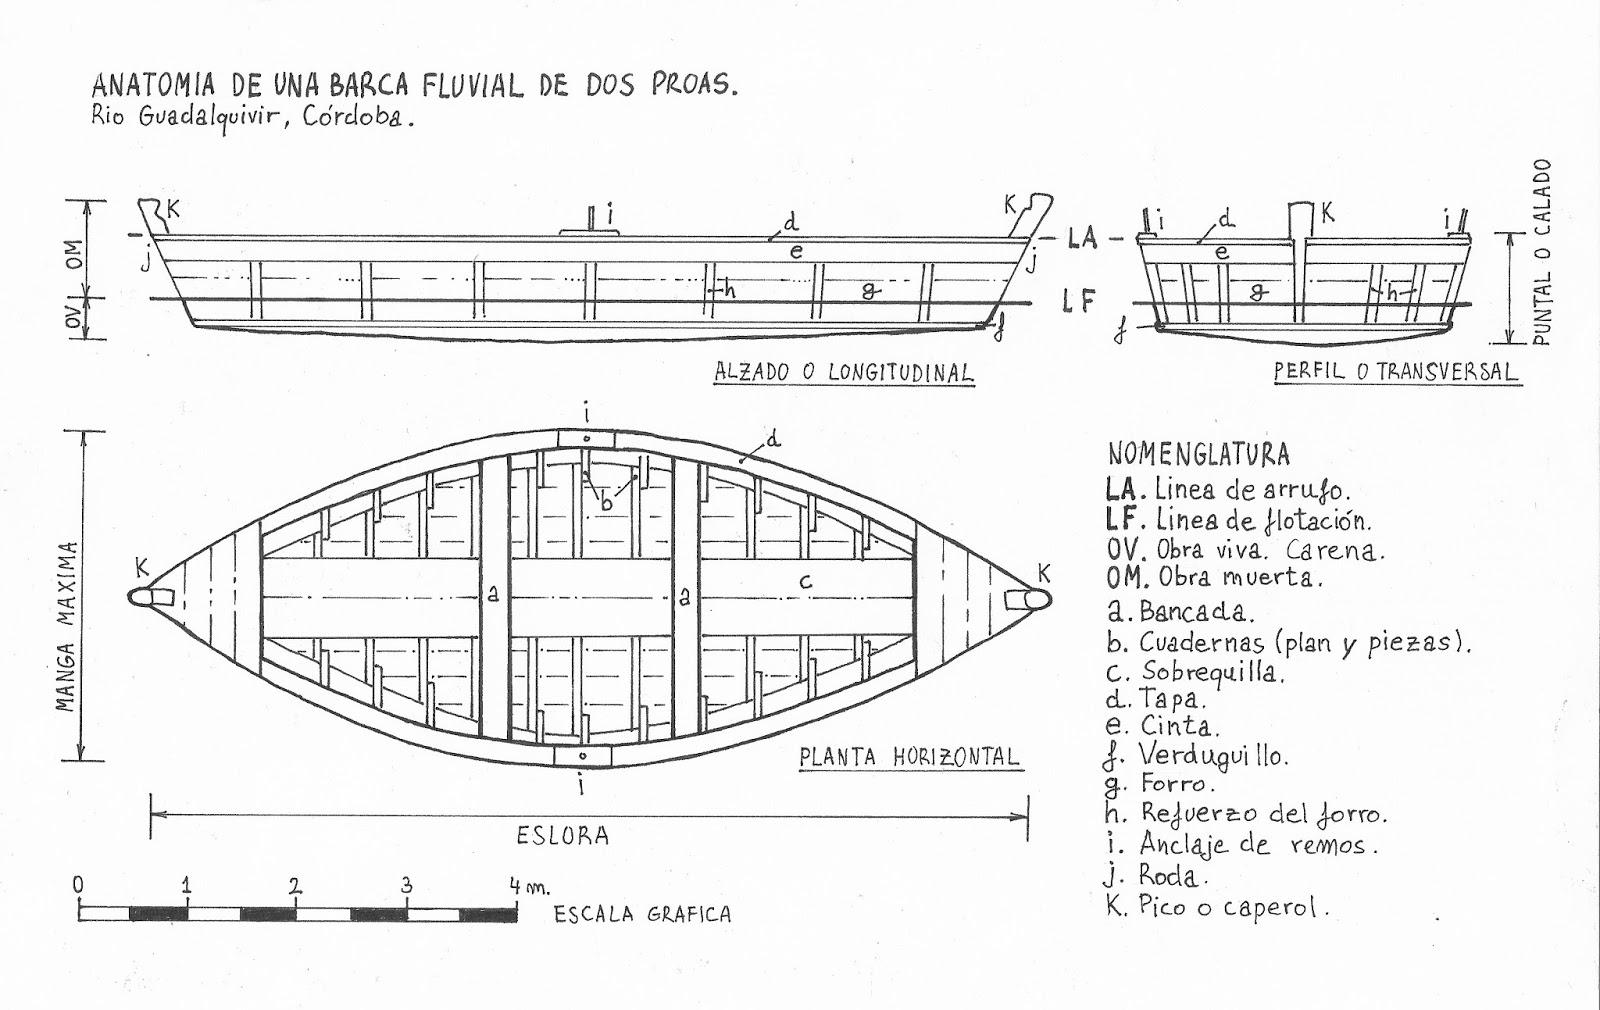 Anatomía de una barca fluvial. | Proyecto ETNOCOR.